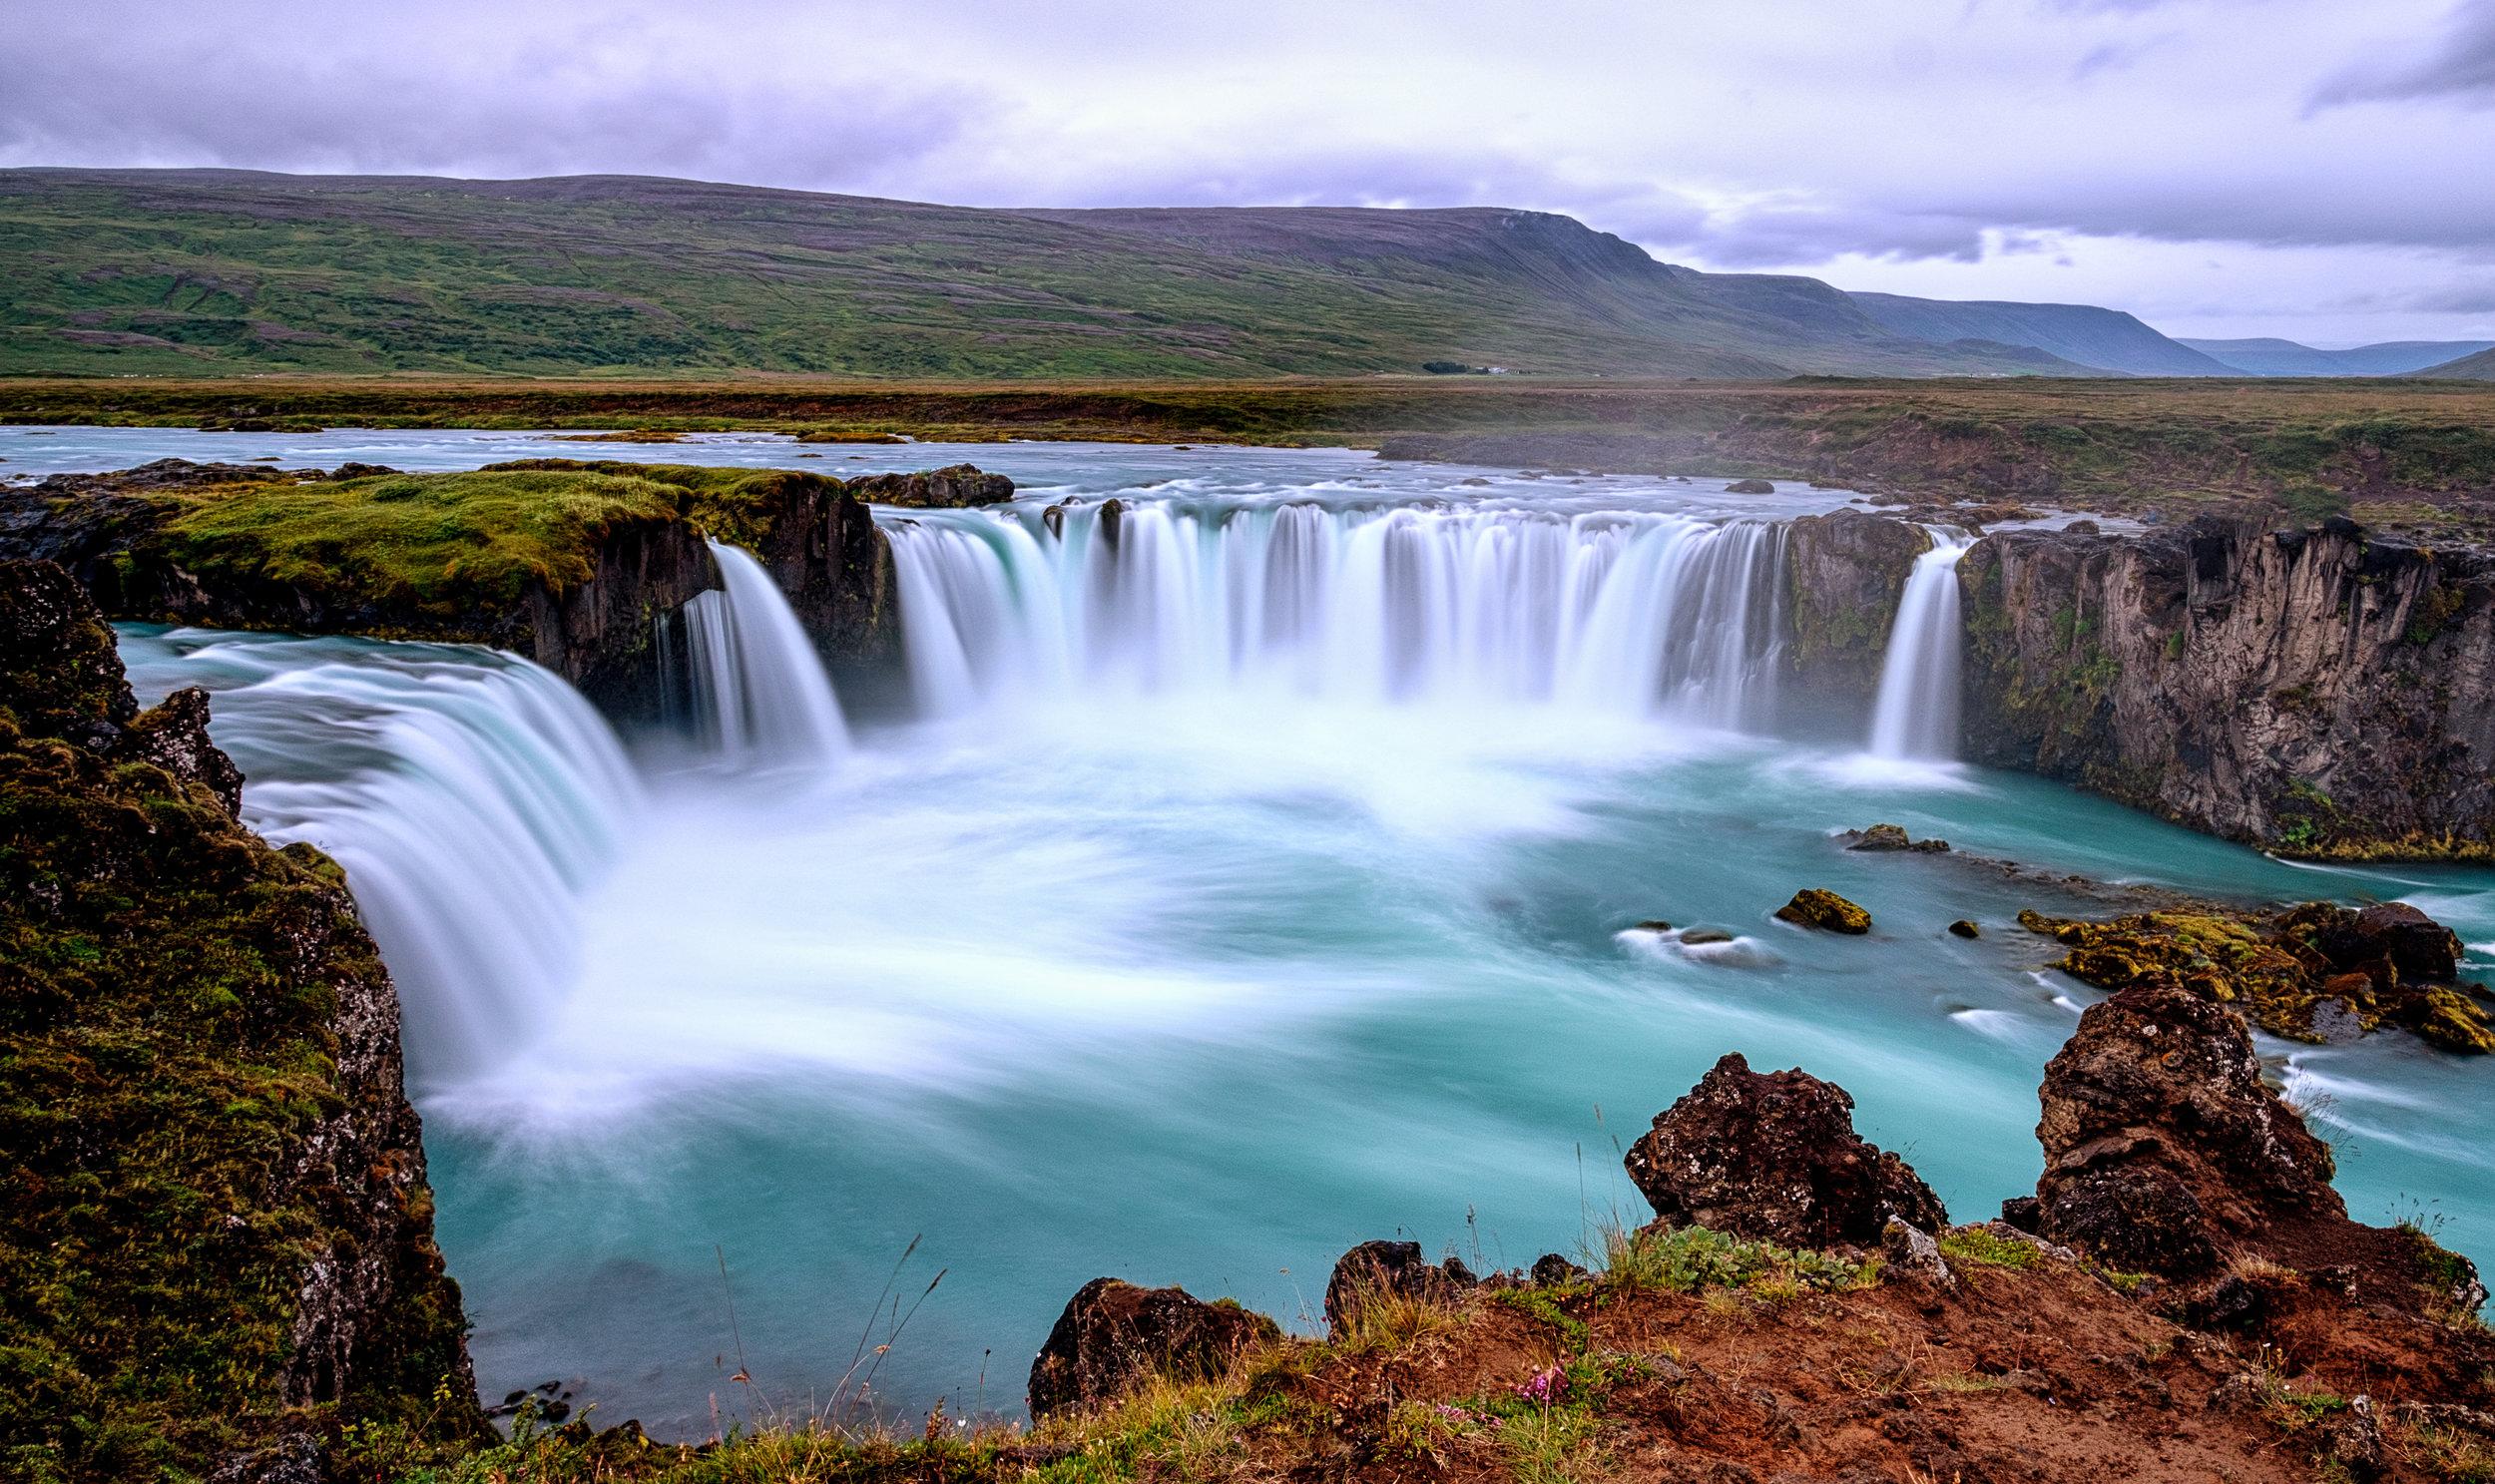 godafoss-waterfall-iceland-PYF7M4V.jpg